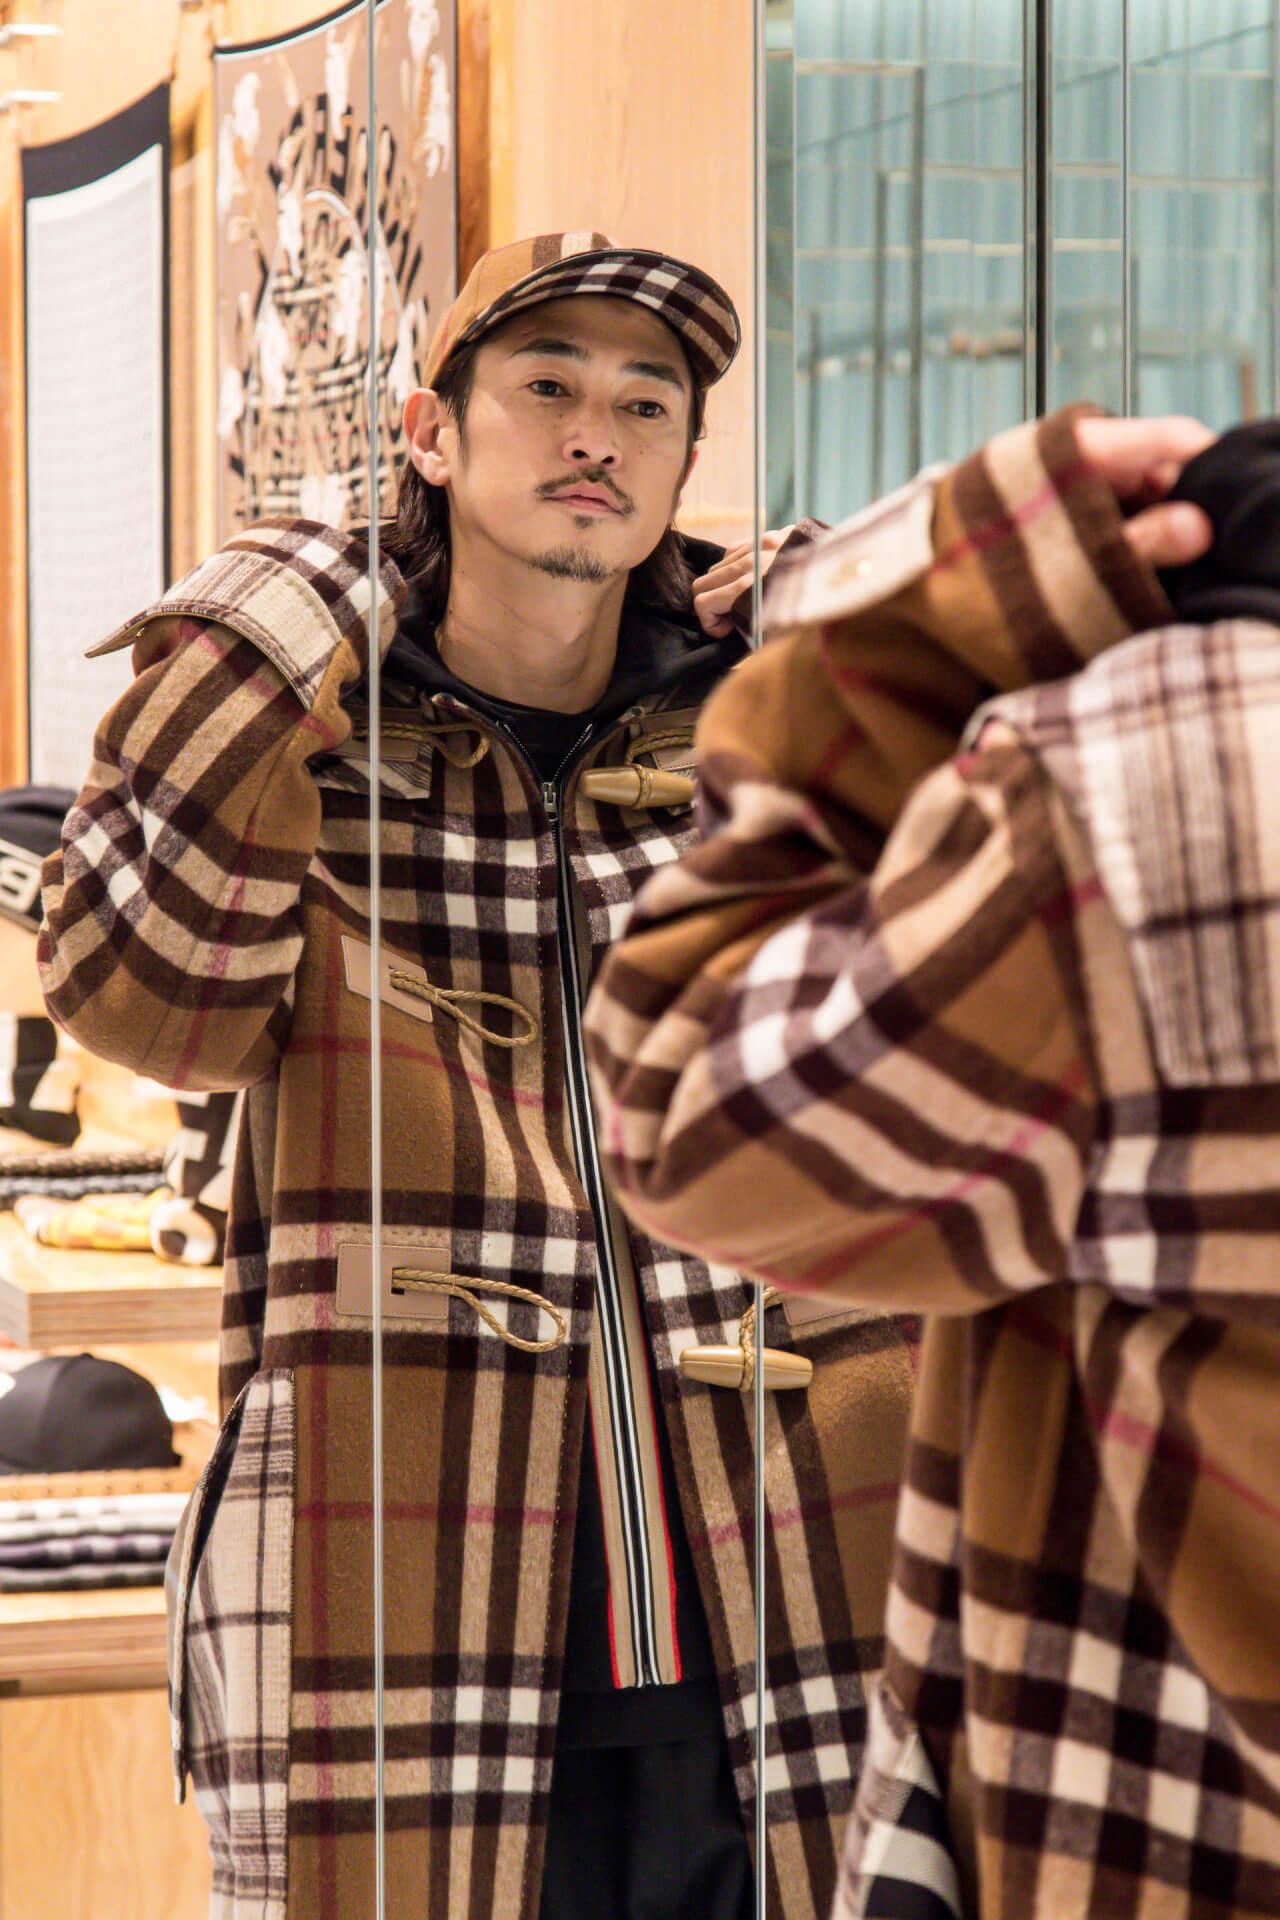 日本初のメンズ&ウィメンズ合同型ストア『バーバリー心斎橋パルコ』が明日オープン!人気キャンバス地バッグの限定カラーも登場 fashion201119_burberry_parco_2